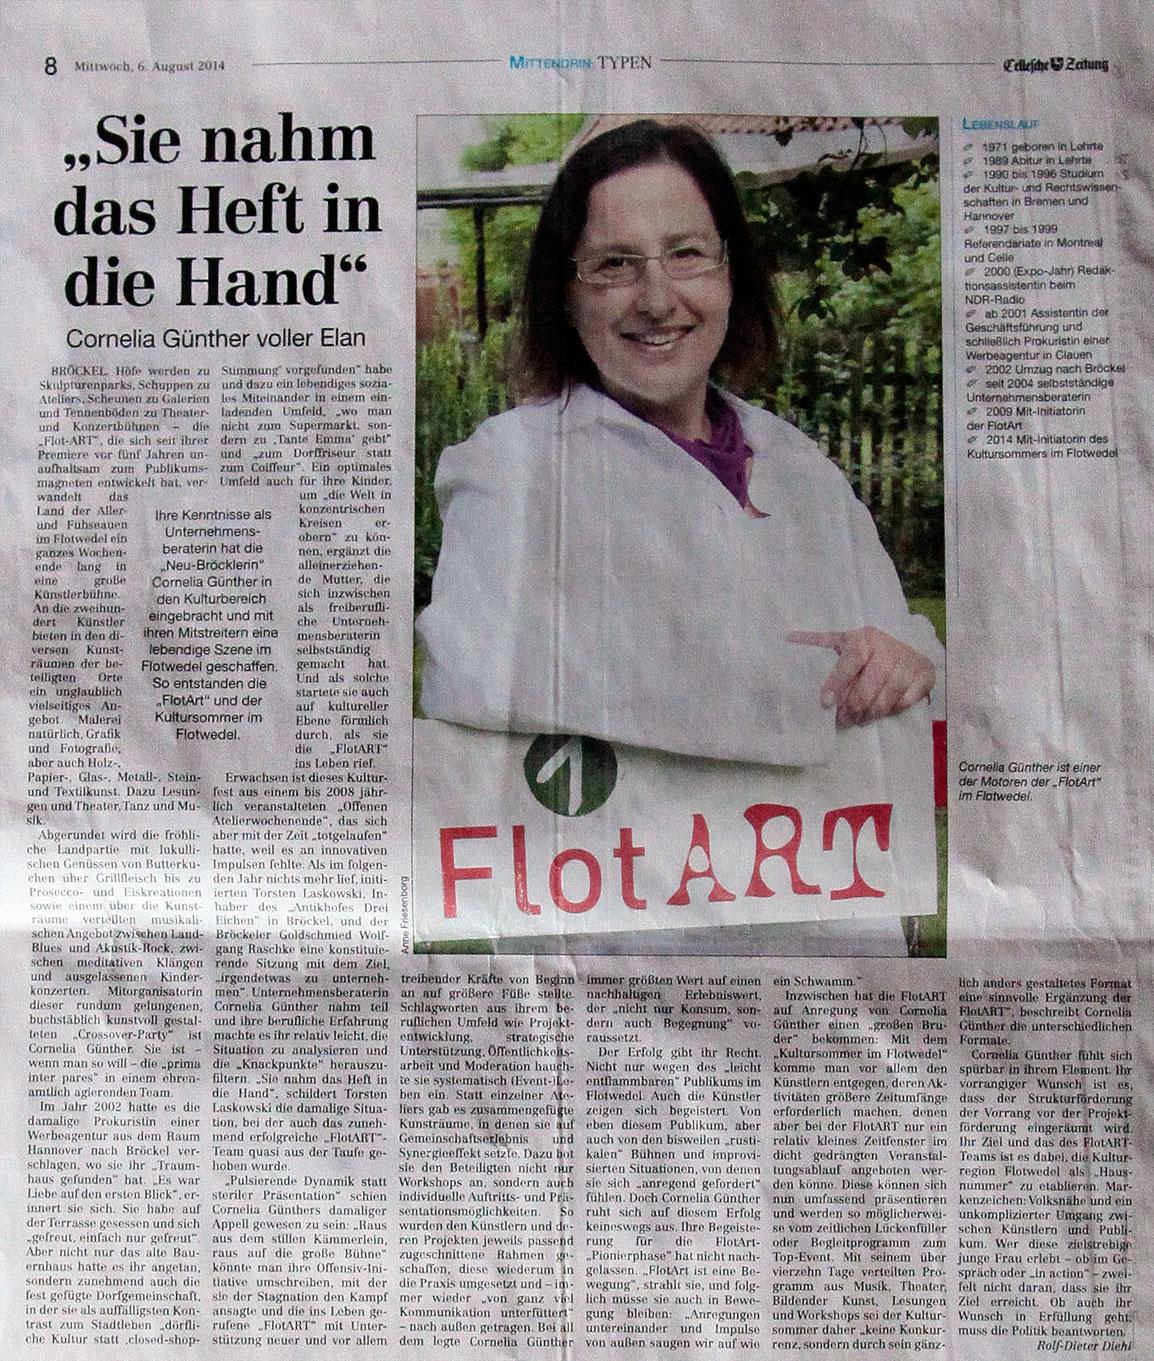 Cellesche-Zeitung_06-08-2014.jpg